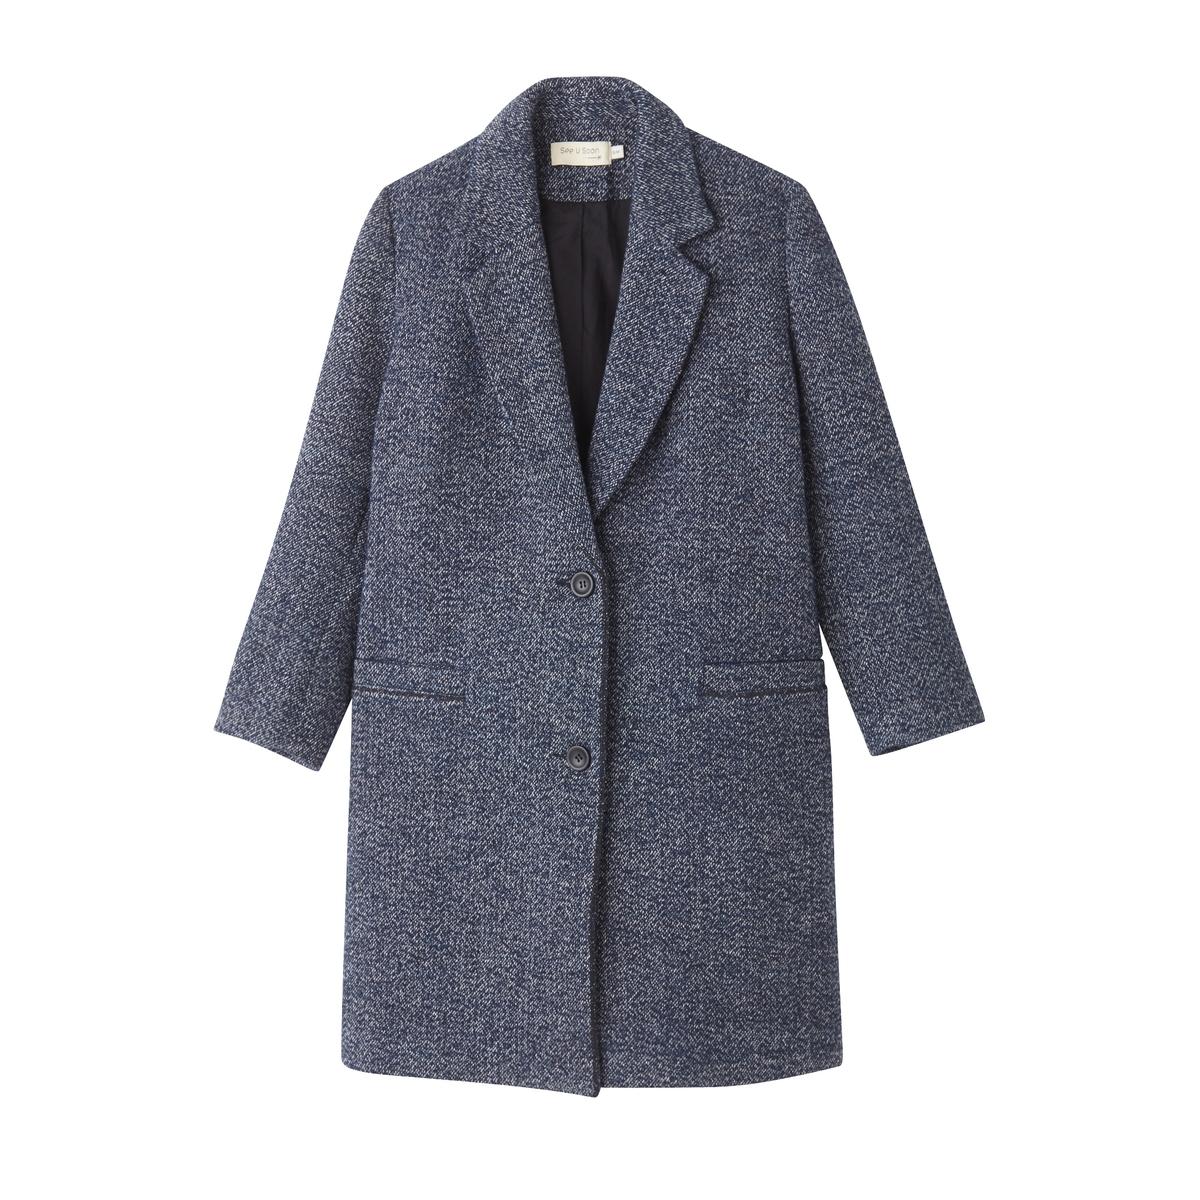 ПальтоПальто в мужском стиле, удачно вошедшее в женский гардероб, идеально для межсезонья . Это пальто не подчеркивает формы, но придает невероятно роскошный внешний вид   !Детали •  Длина : средняя •  Воротник-поло, рубашечный • Застежка на пуговицыСостав и уход •  13% шерсти, 14% акрила, 57% хлопка, 6% полиамида, 10% полиэстера •  Следуйте рекомендациям по уходу, указанным на этикетке изделия<br><br>Цвет: синий меланж<br>Размер: M/L